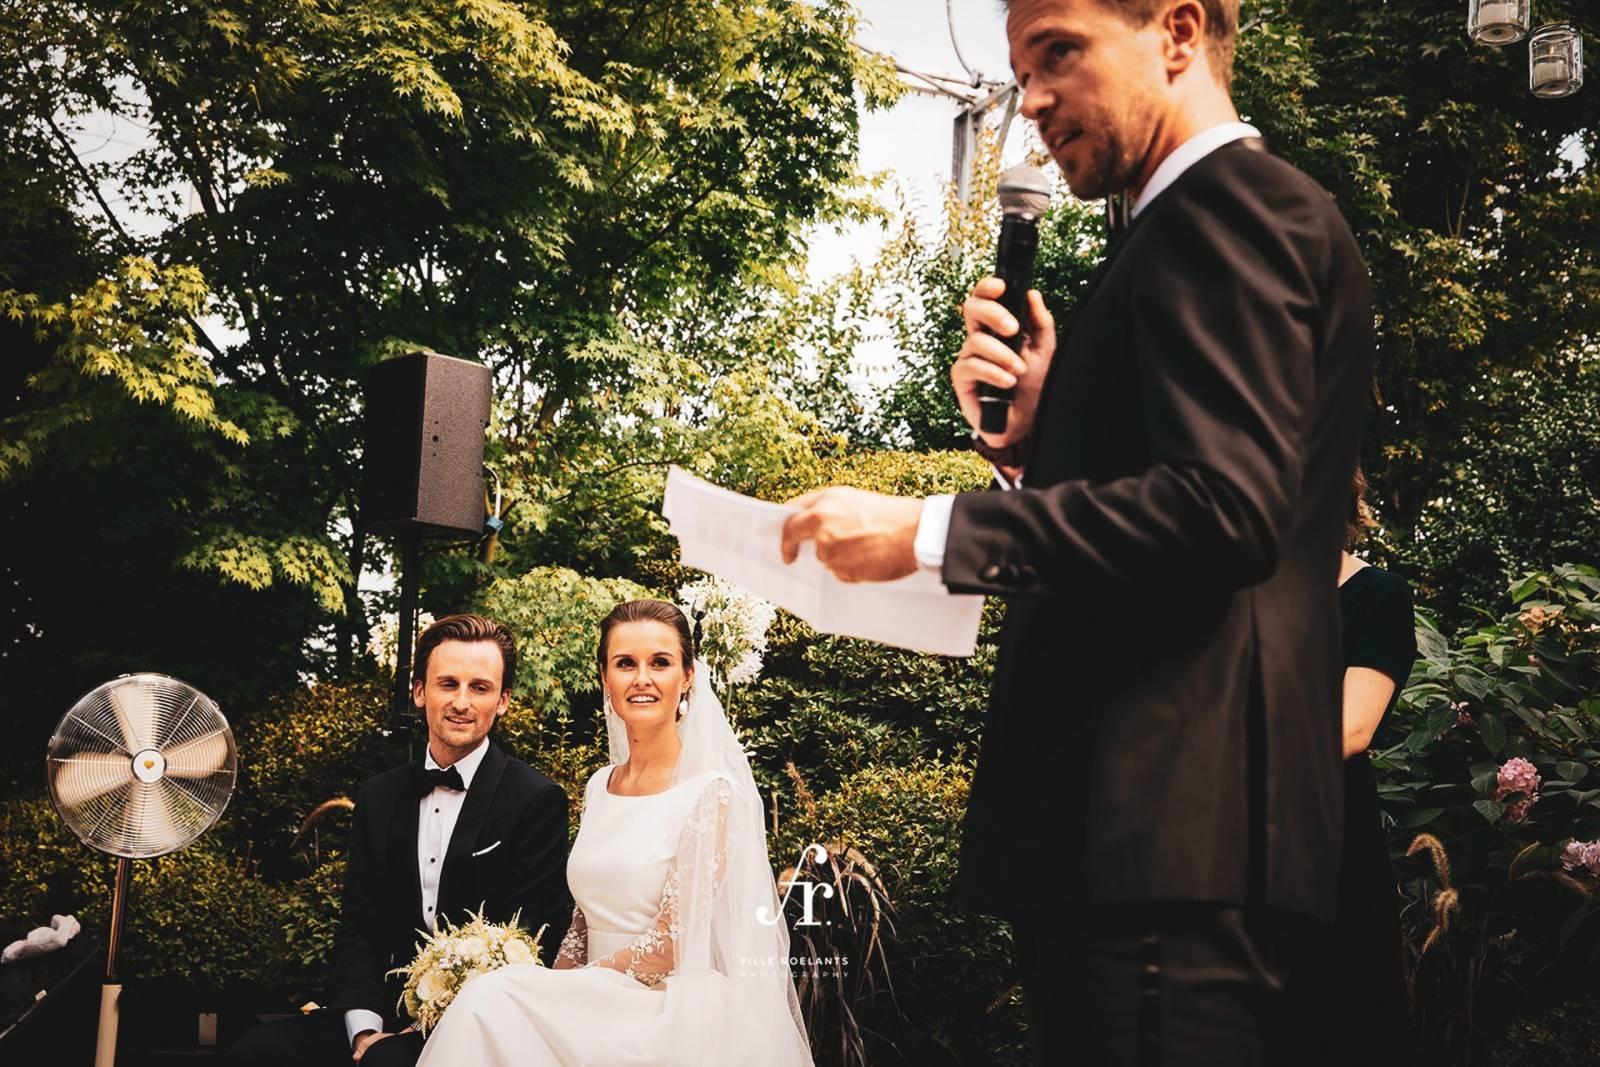 Blue Moon Team - Licht & Geluid Huwelijk Trouw Bruiloft - House of Weddings - 2